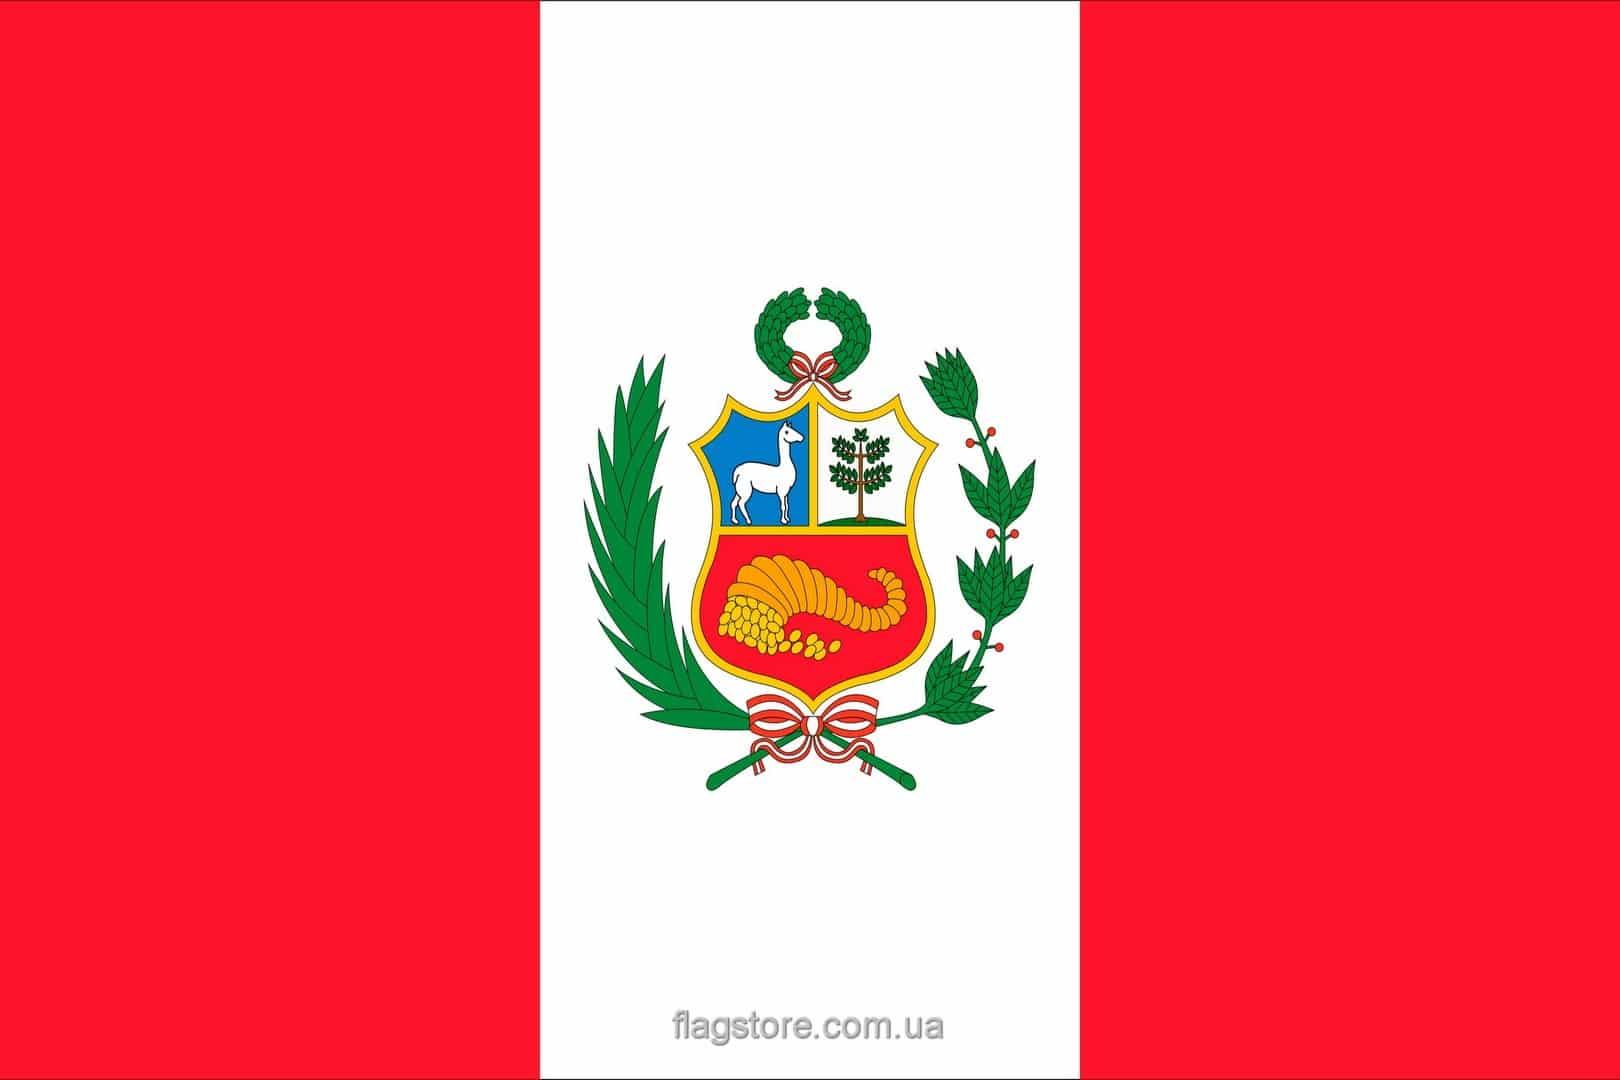 Купить флаг страны Перу